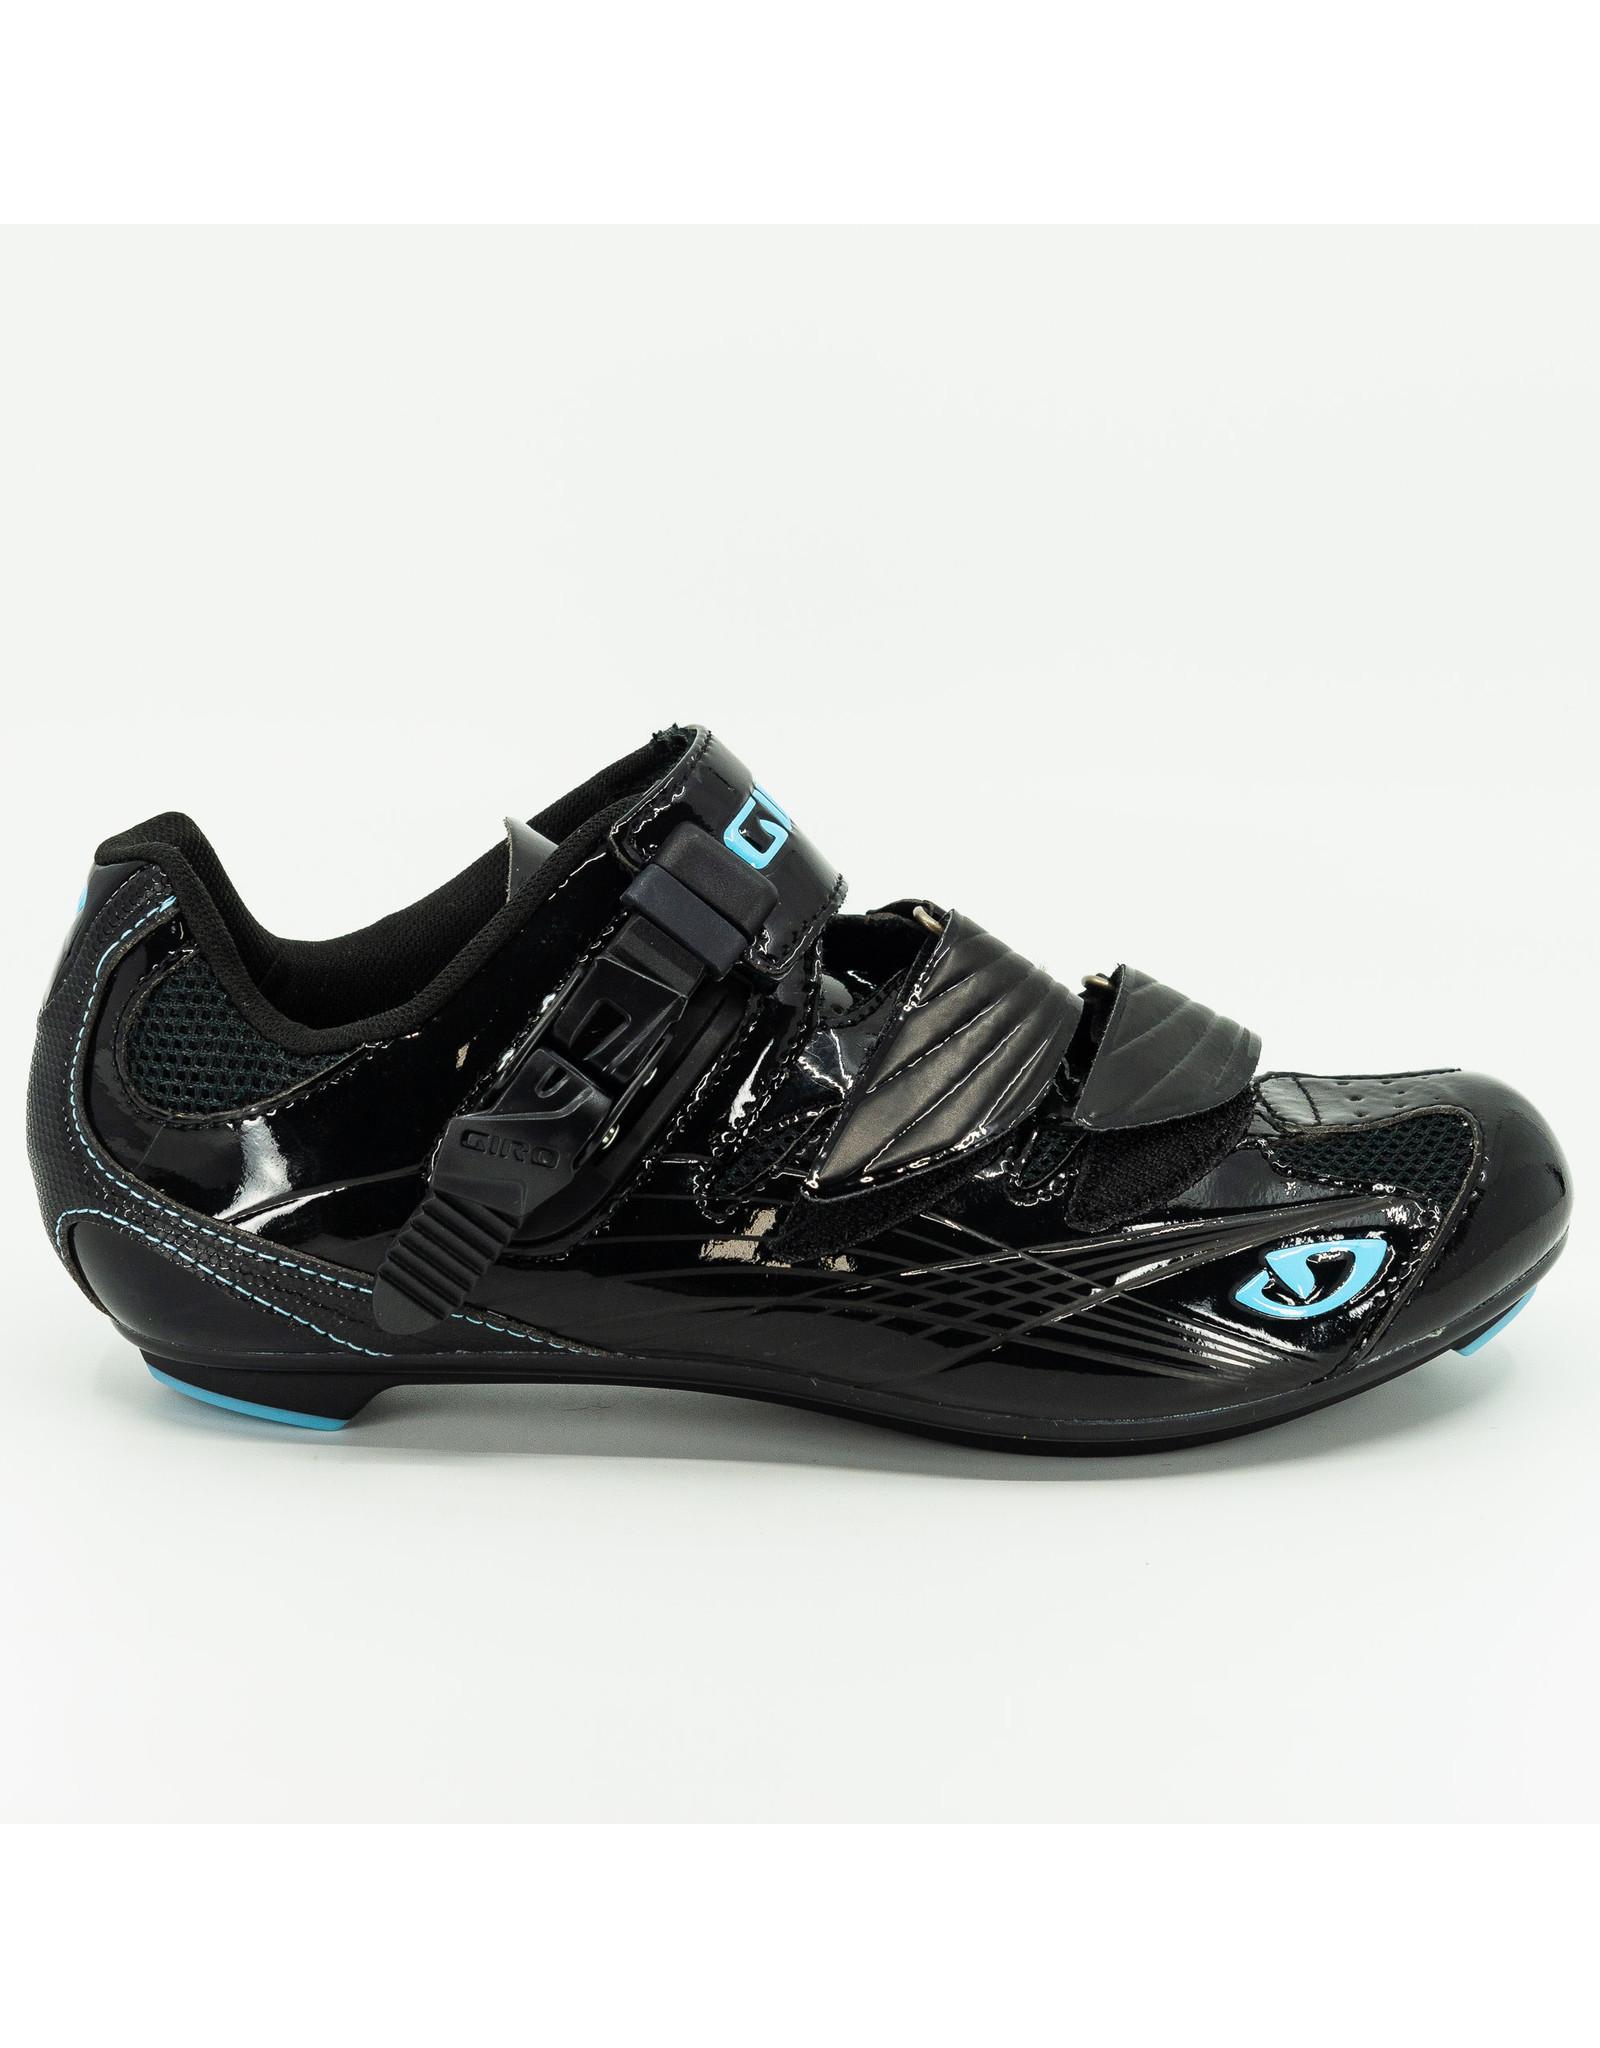 Giro Giro SOLARA BLACK BLUE 39.5